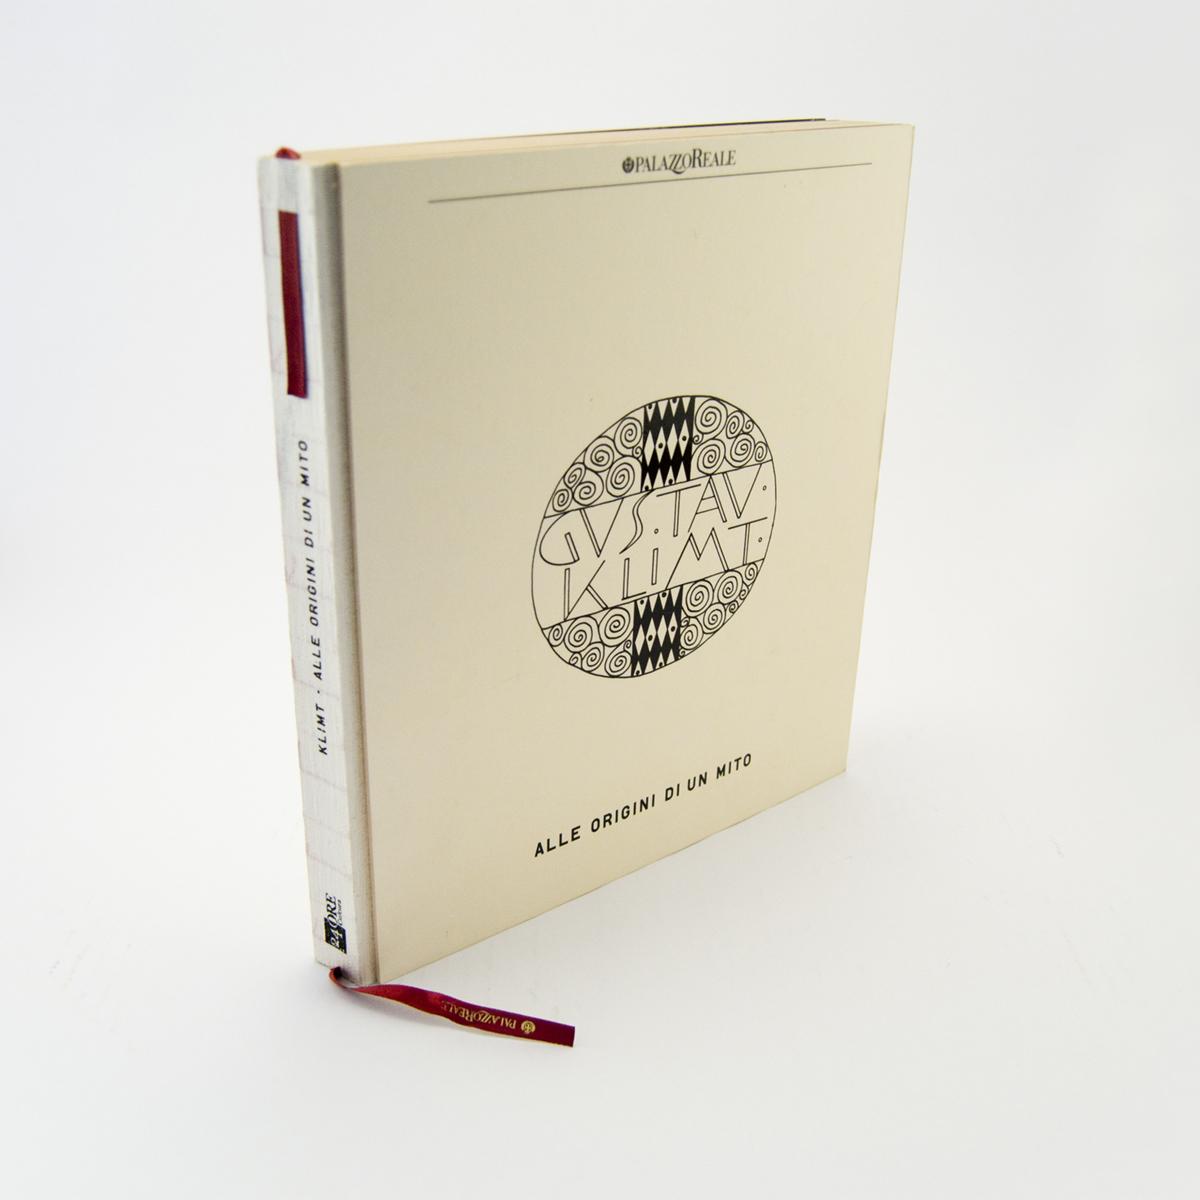 KlimtAlle-Origini-di-un-Mito-008